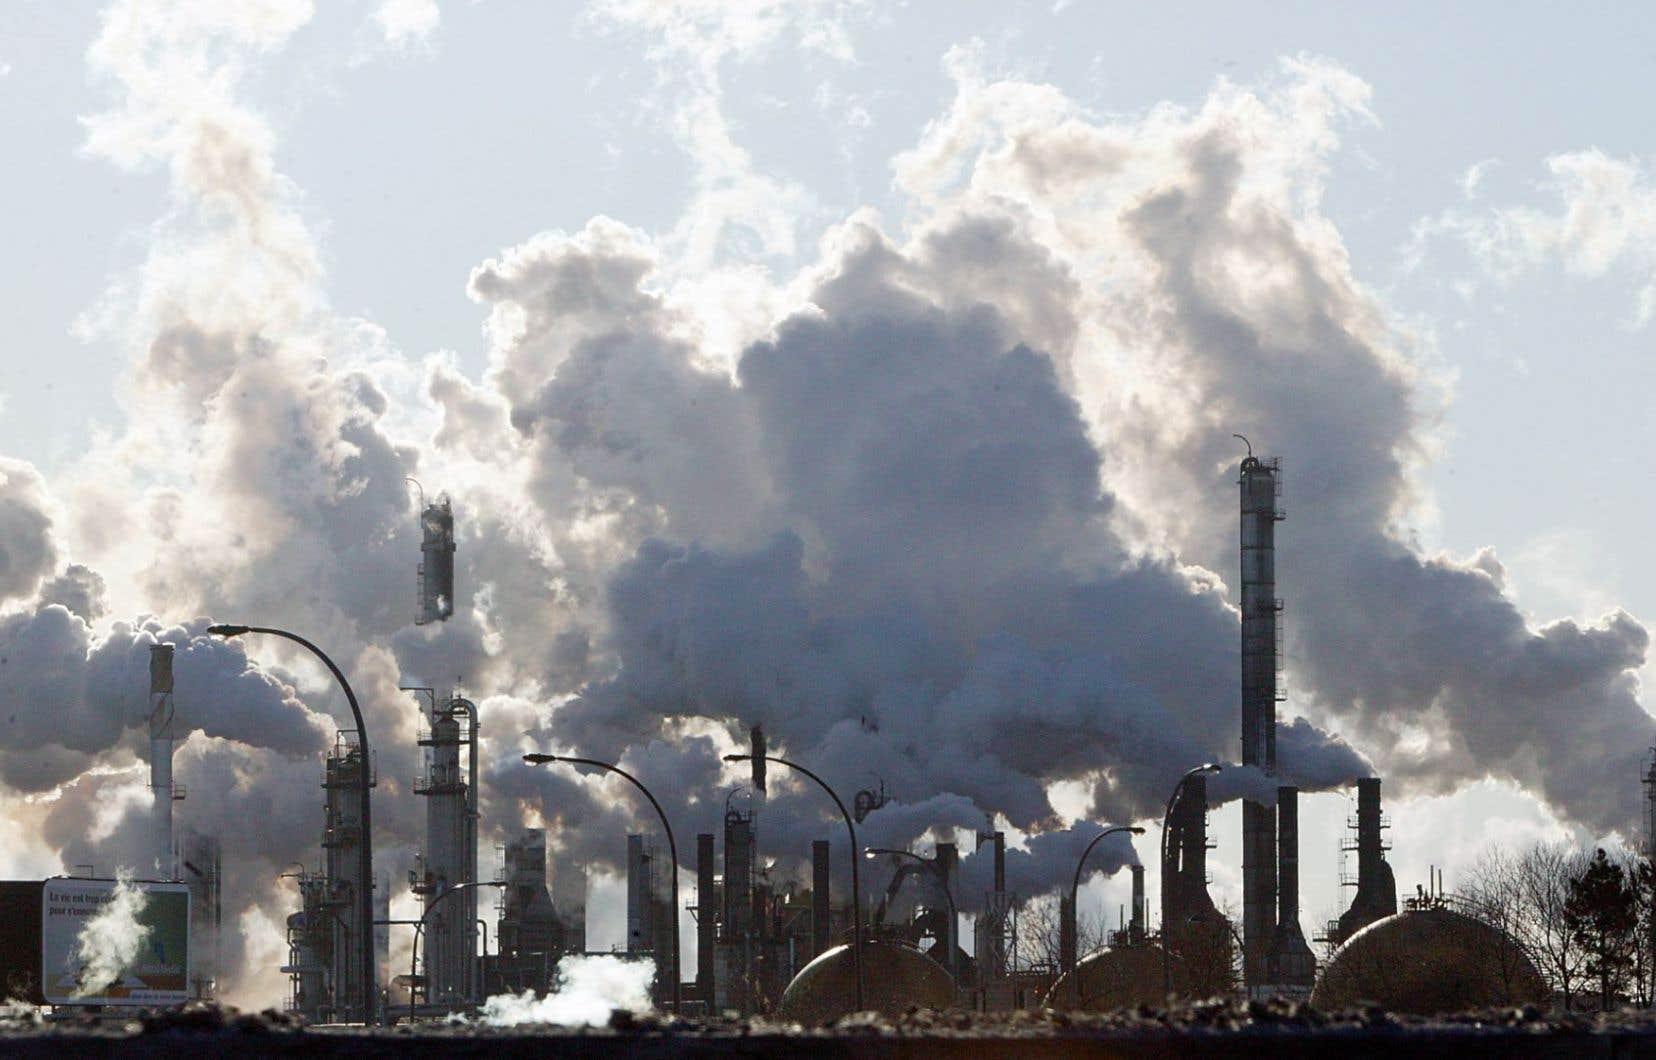 « Les pays exportateurs de matières premières, comme l'Australie et le Canada, continuent d'être confrontés à de forts vents contraires avec la chute du prix de leurs exportations de pétrole, de charbon et des métaux», a expliqué l'OCDE.